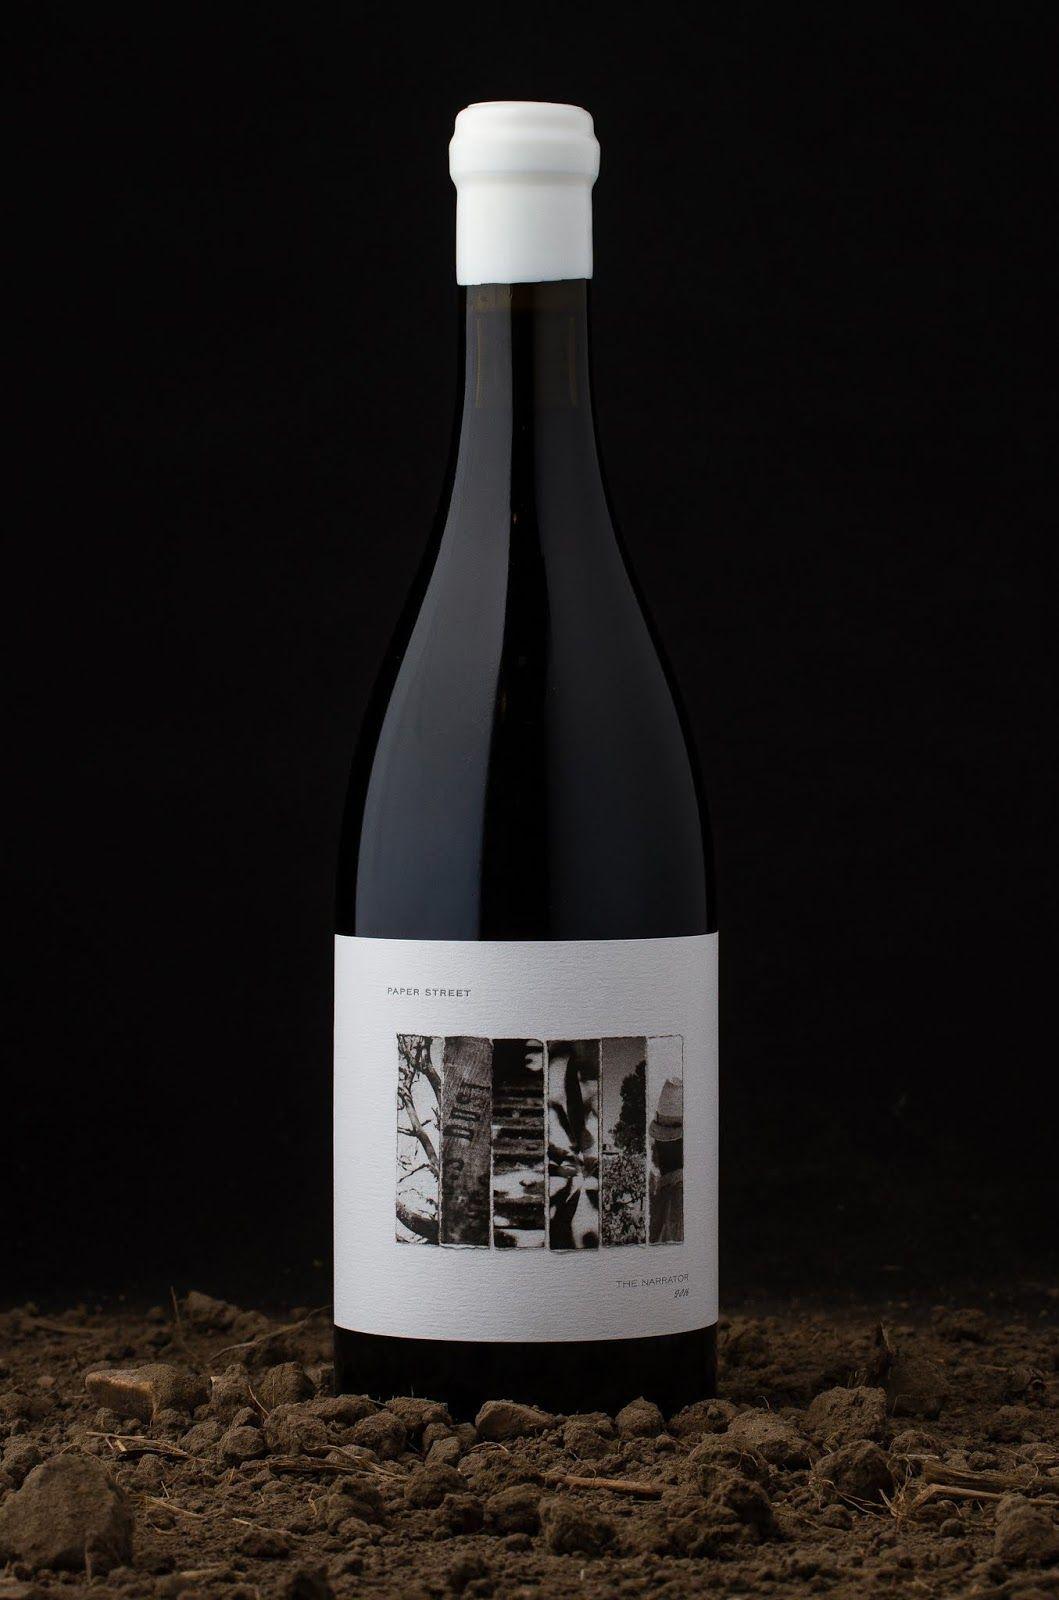 Épinglé par John Nestorson sur Wine labels Etiquette vin